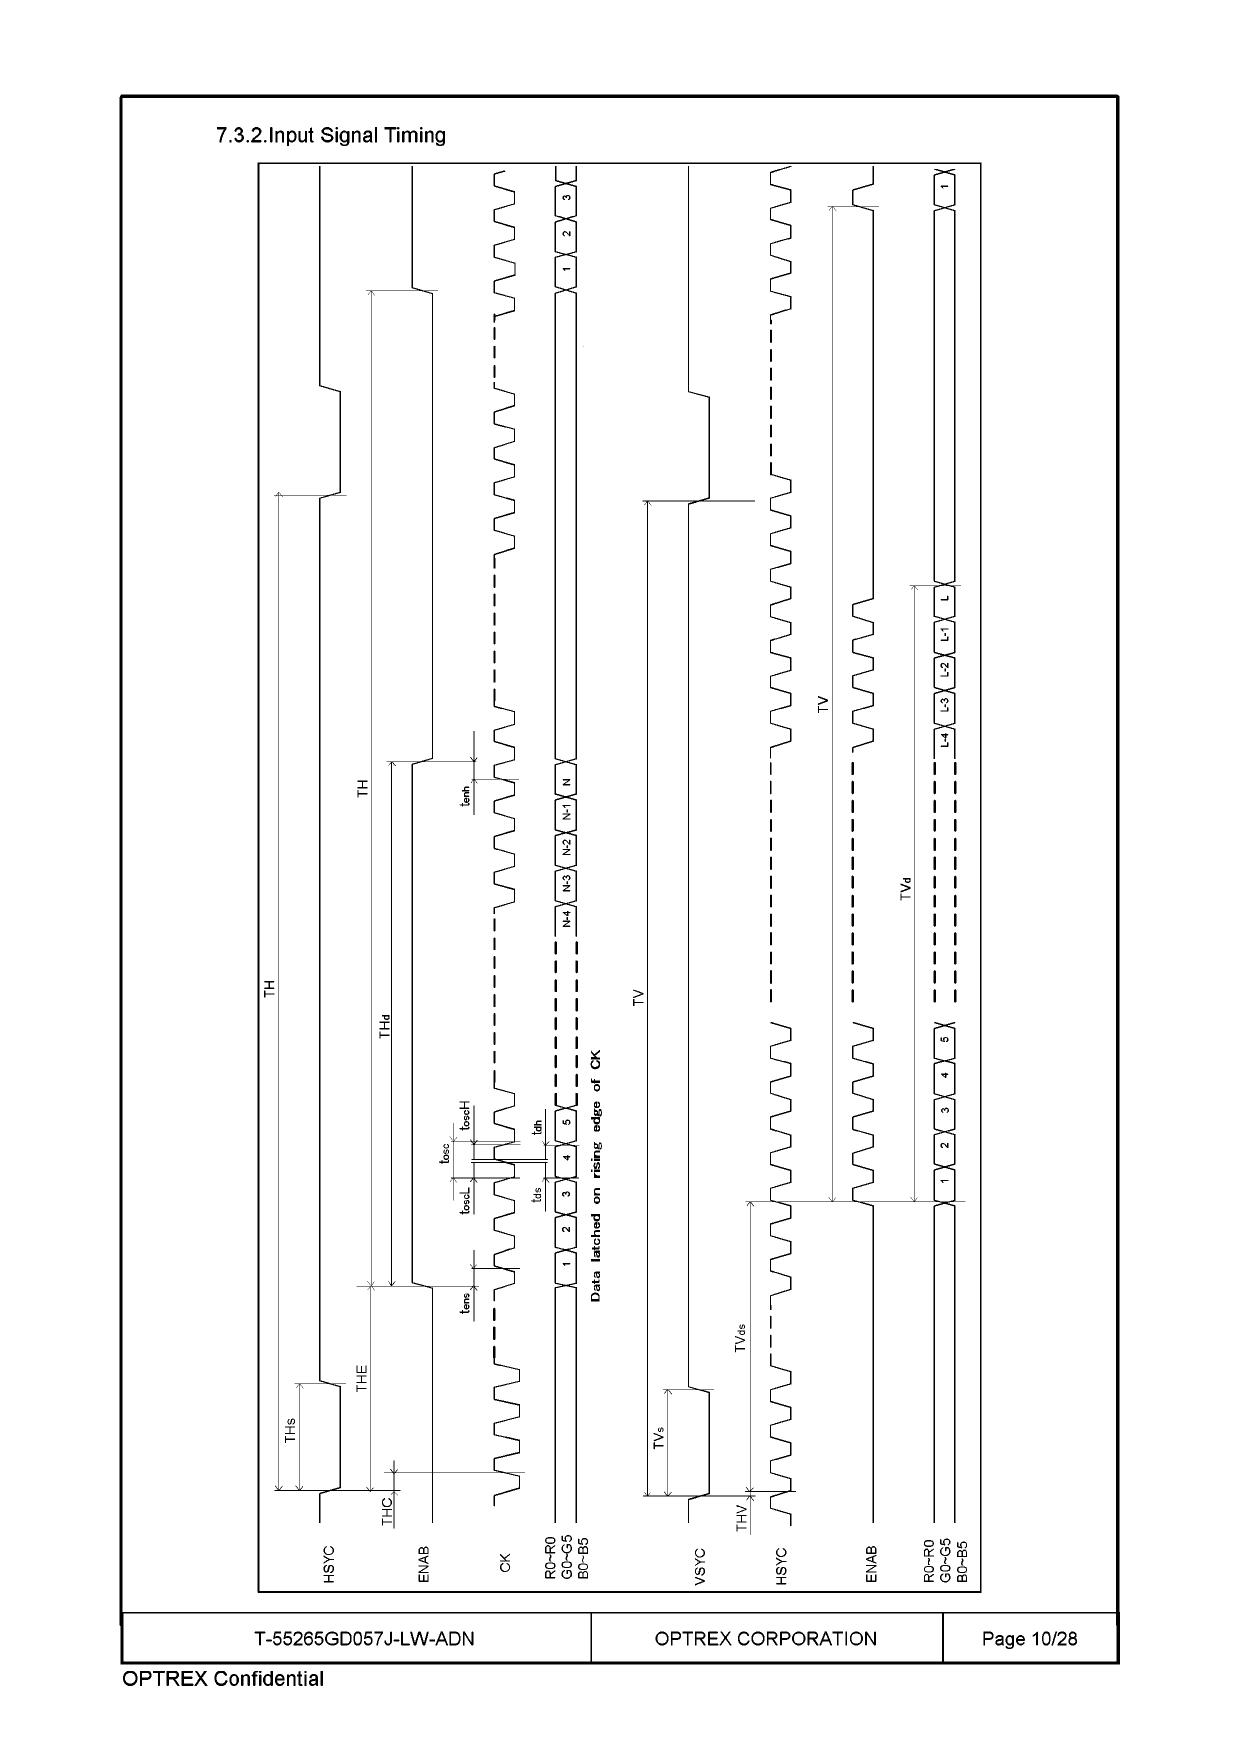 T-55265GD057J-LW-ADN arduino